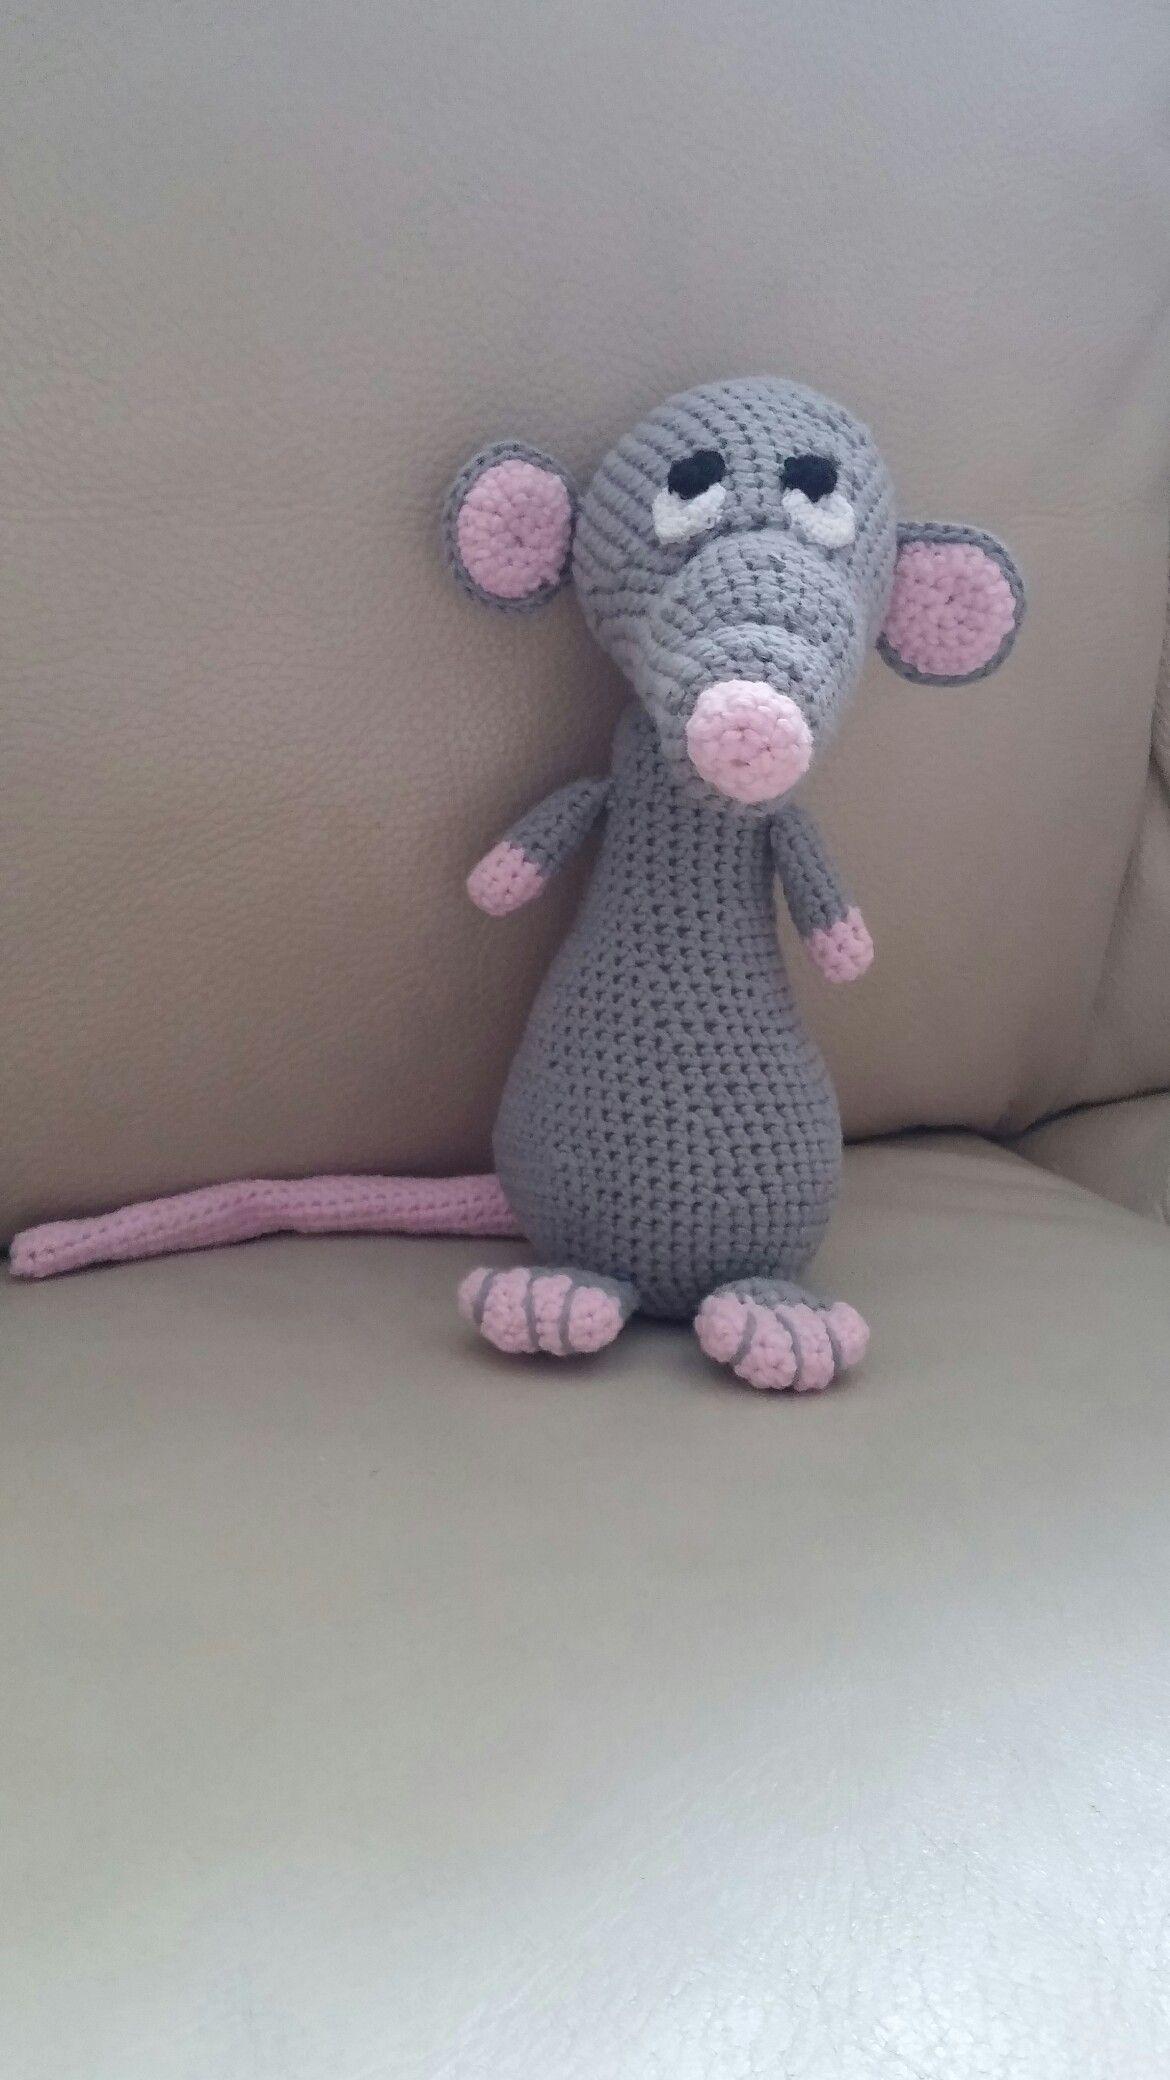 Ratje Uit Het Haakboek Van Bobbi Eden Knitted And Crocheted By